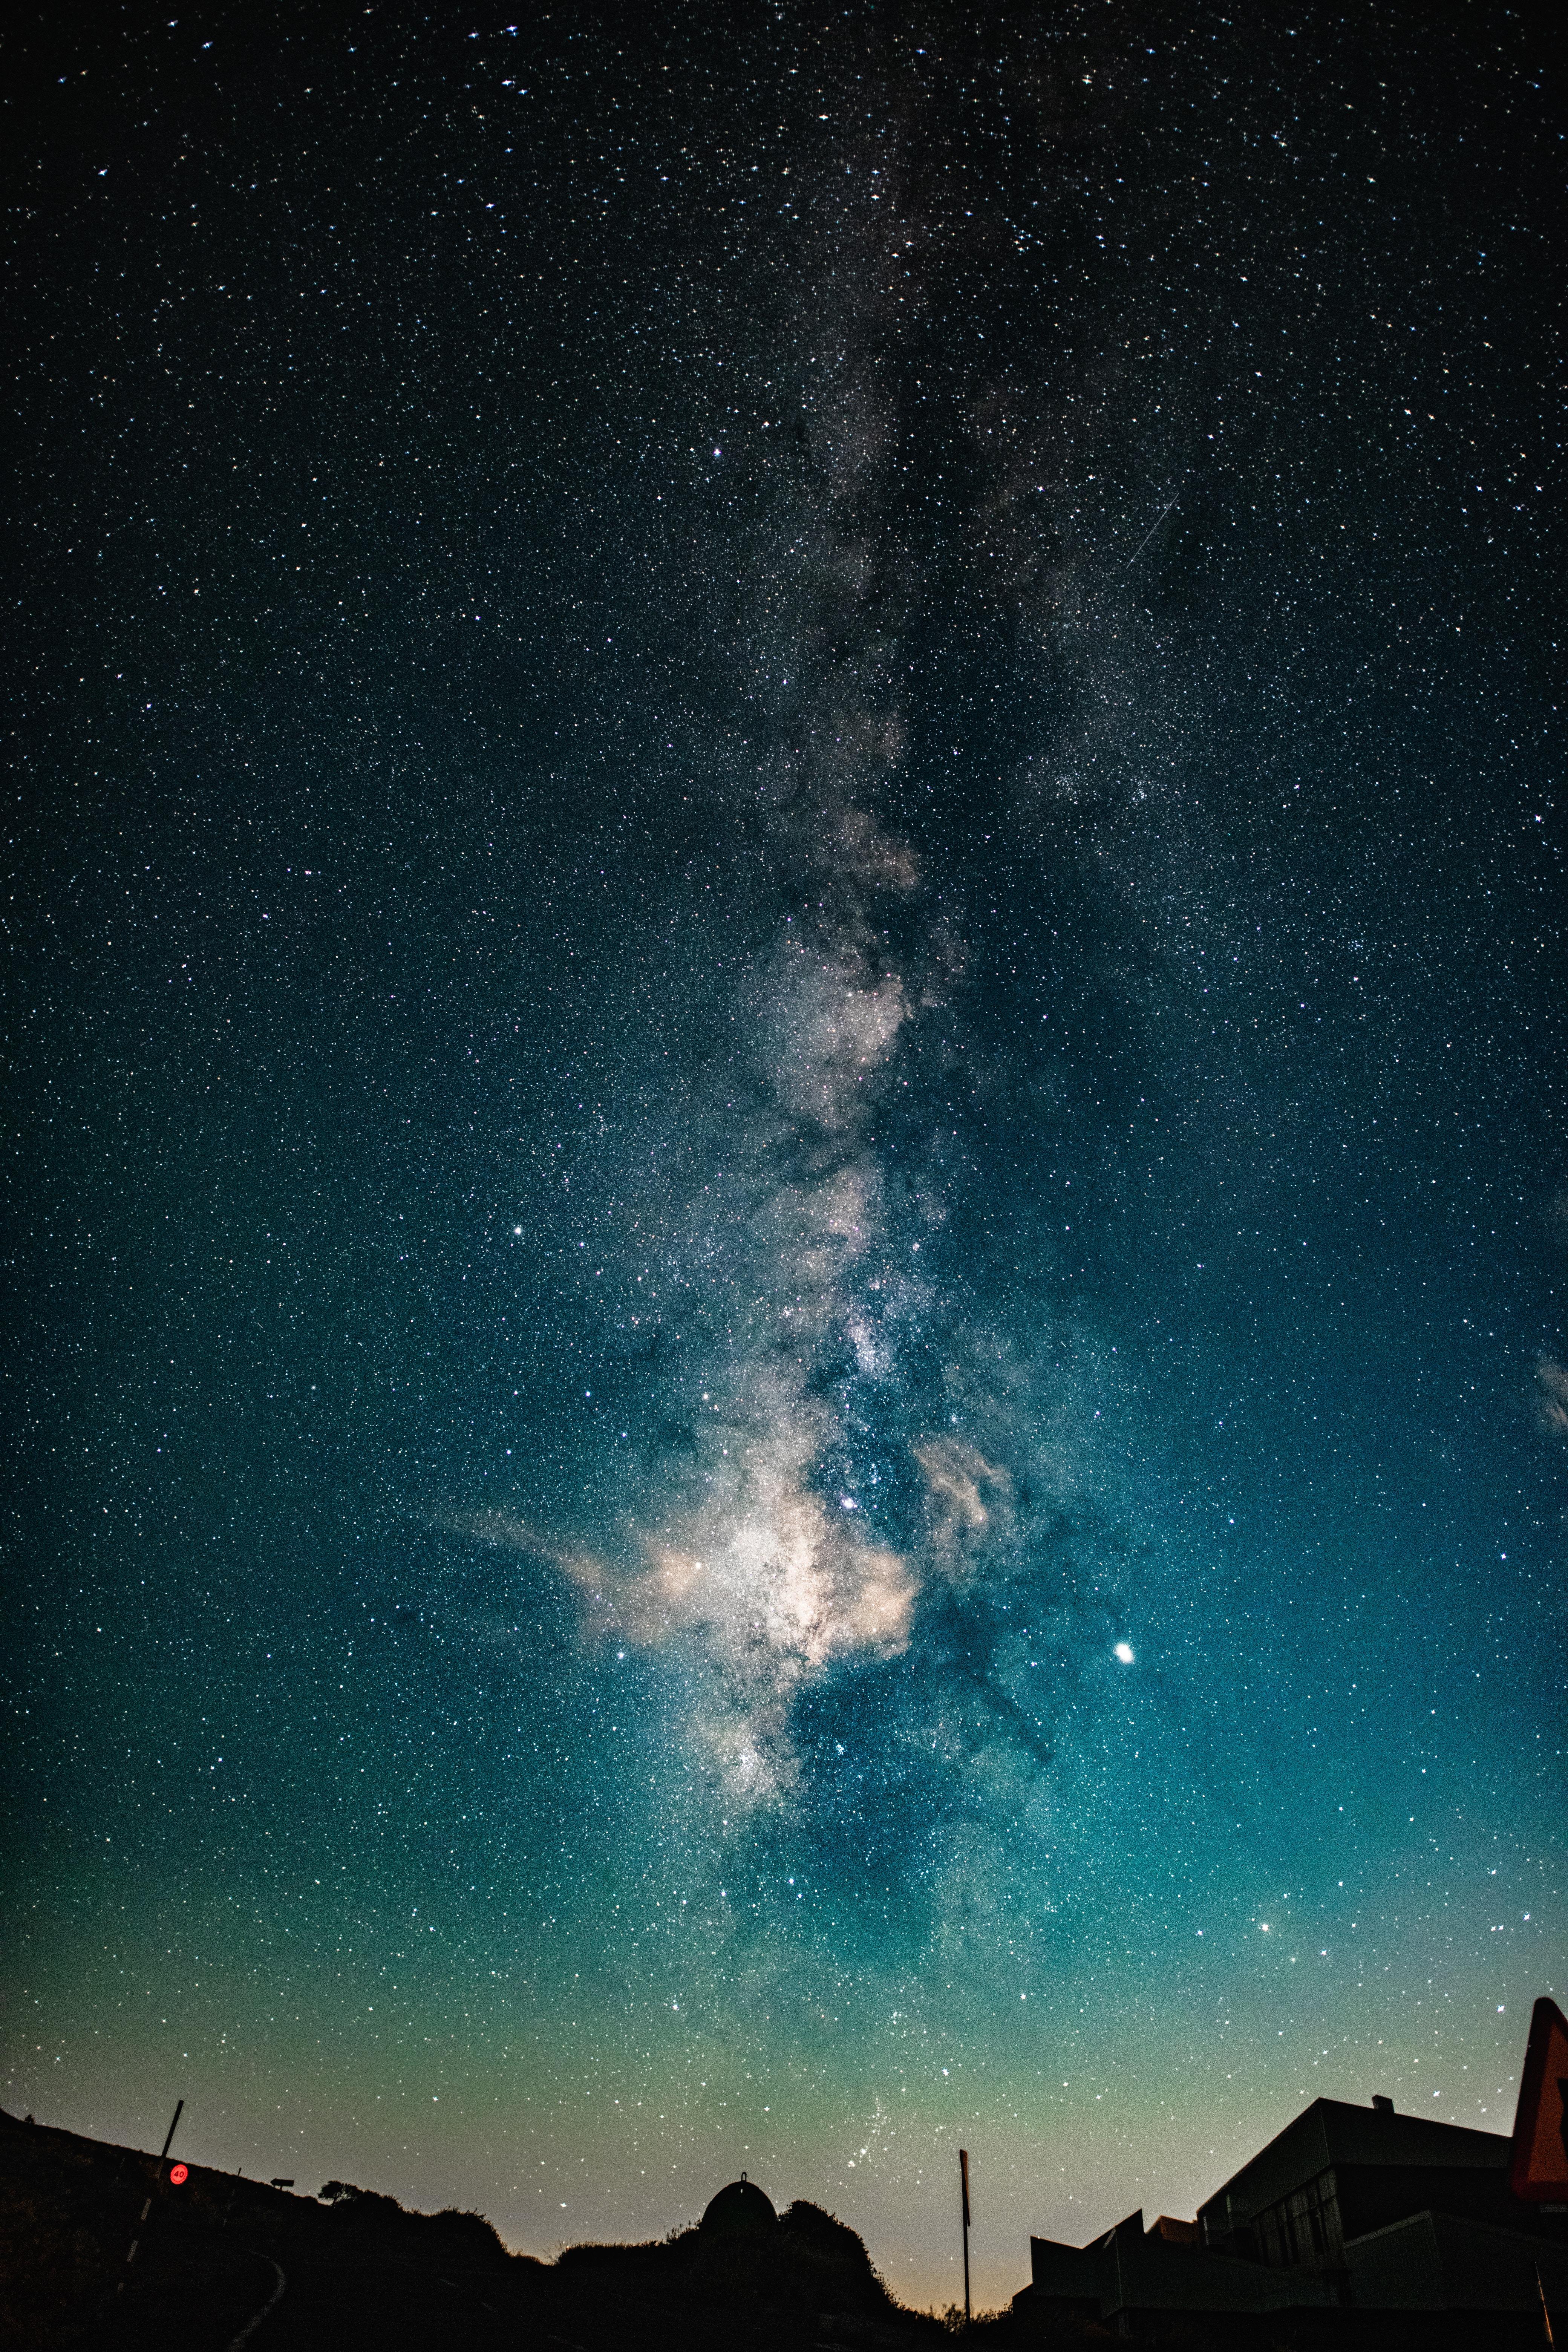 Скачать обои Звездное Небо на телефон бесплатно